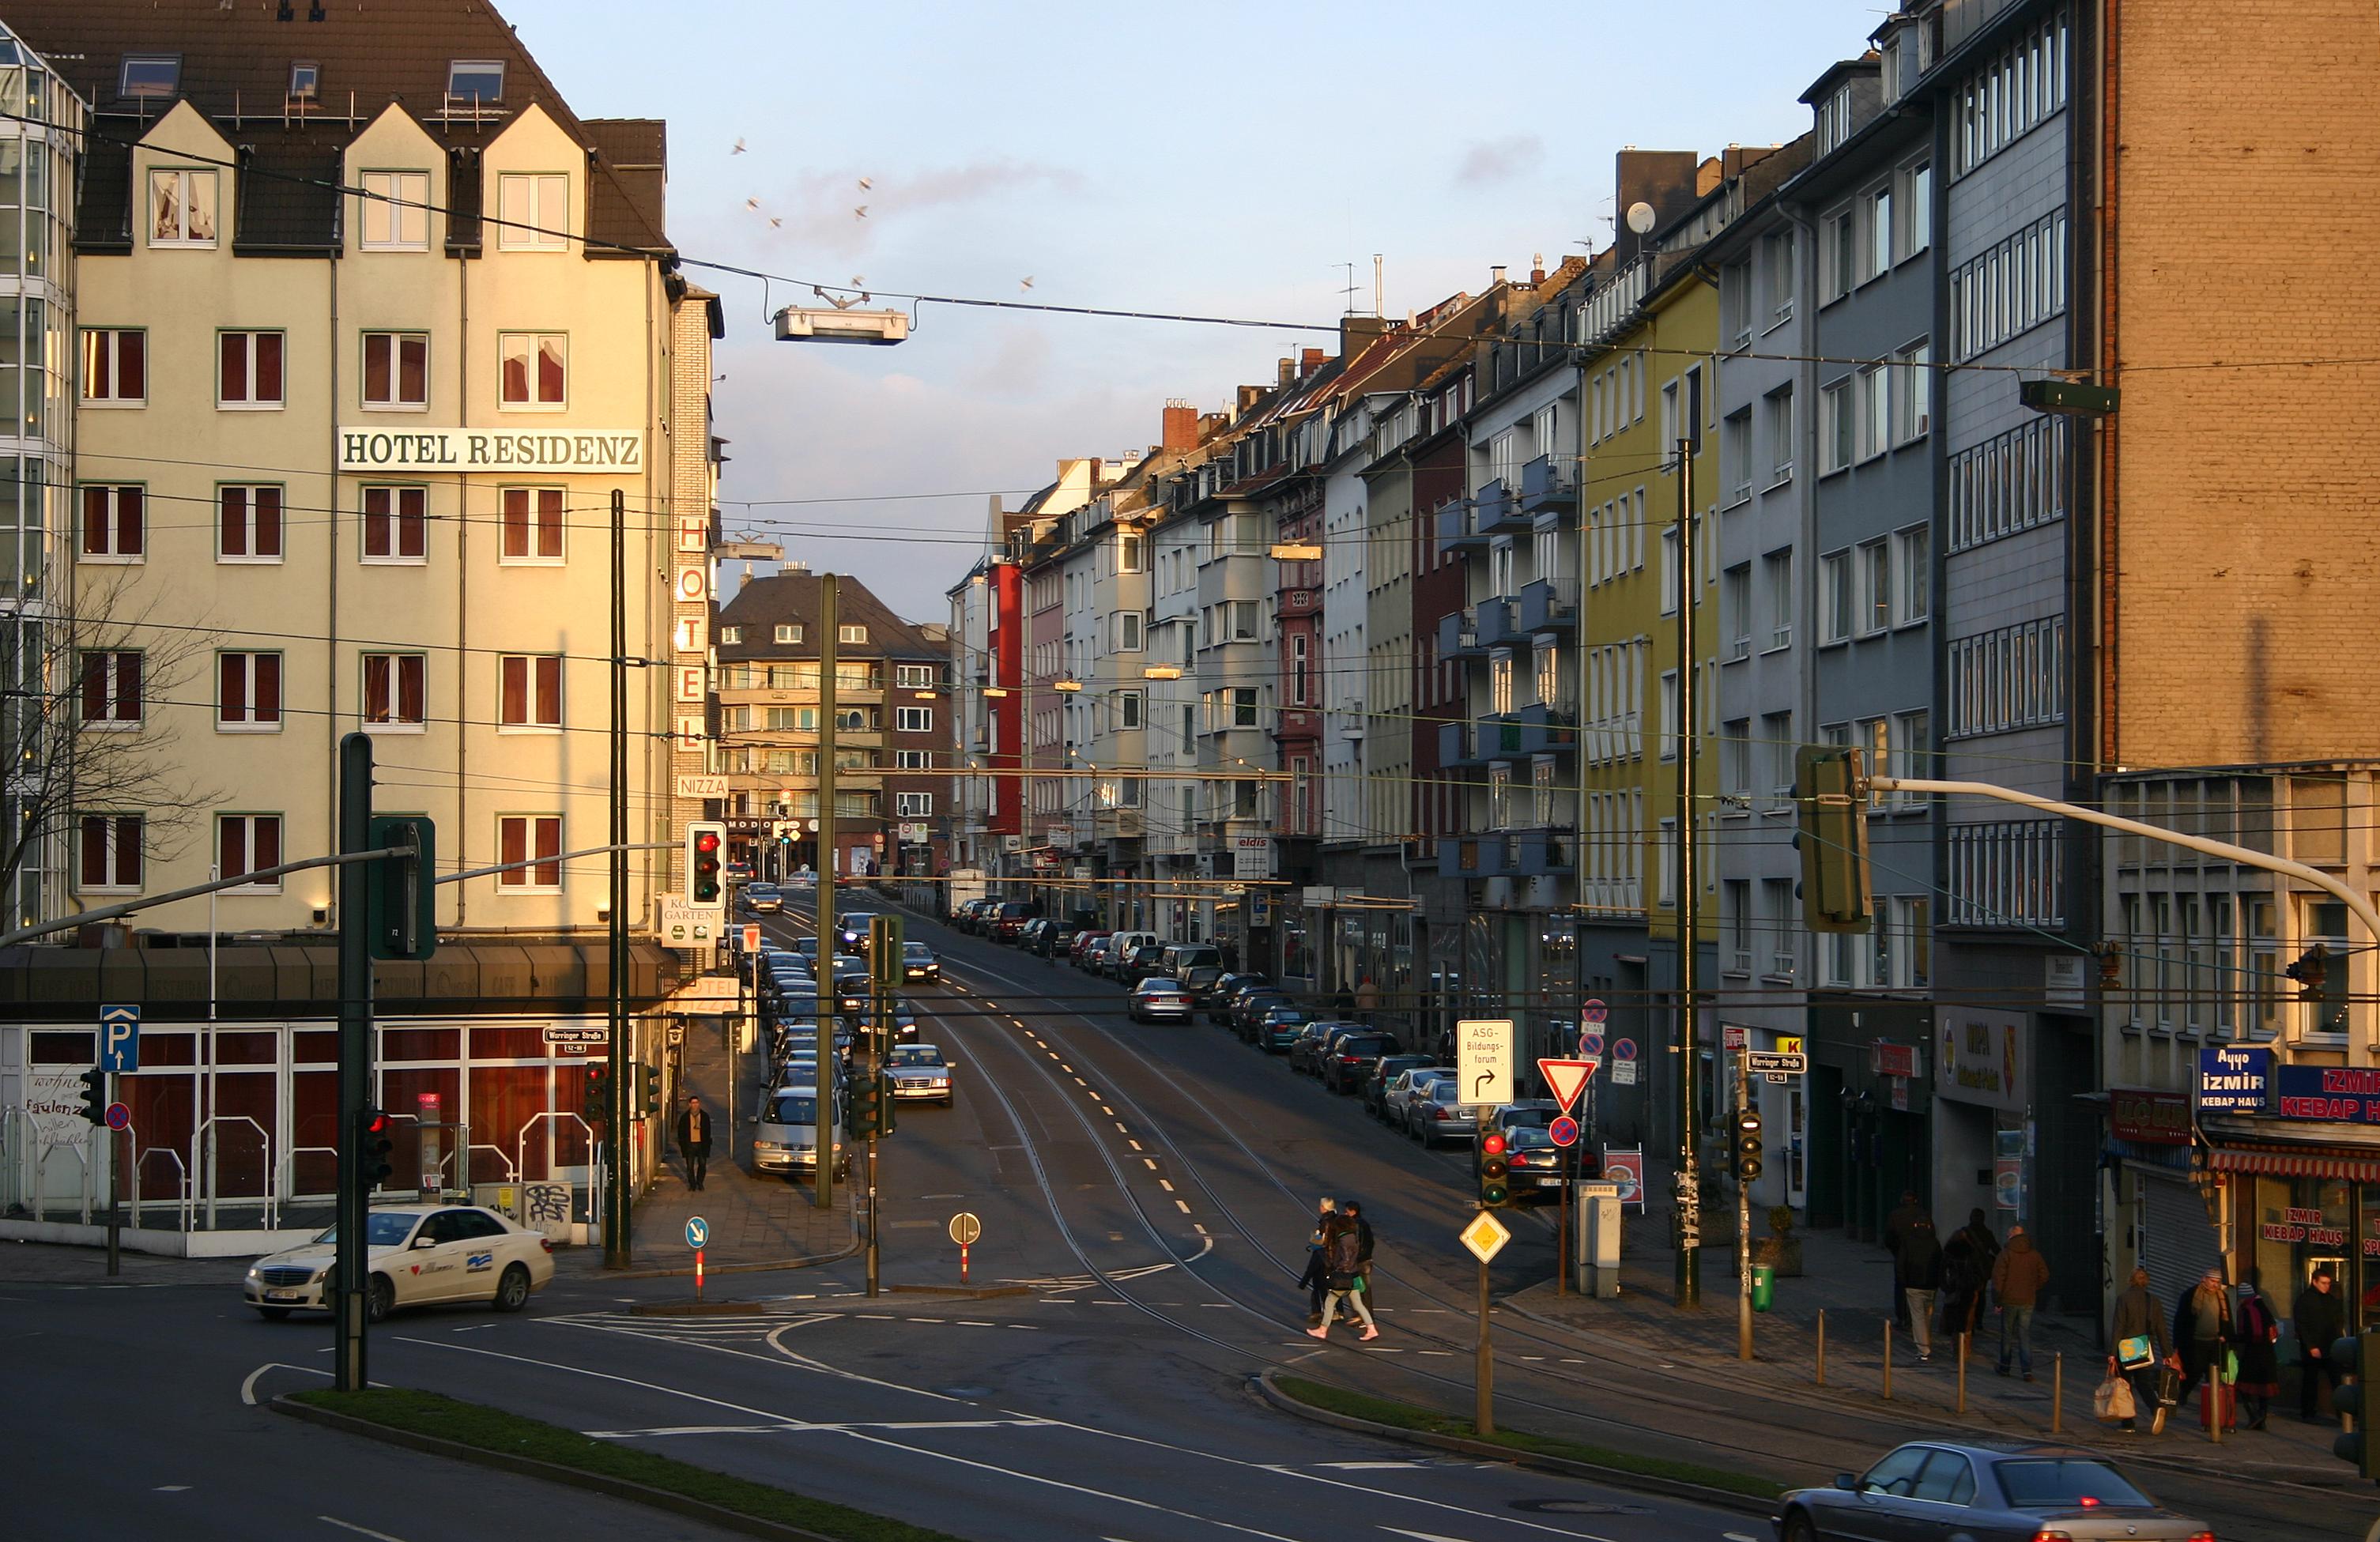 Residenz Hotel Berlin Tegel